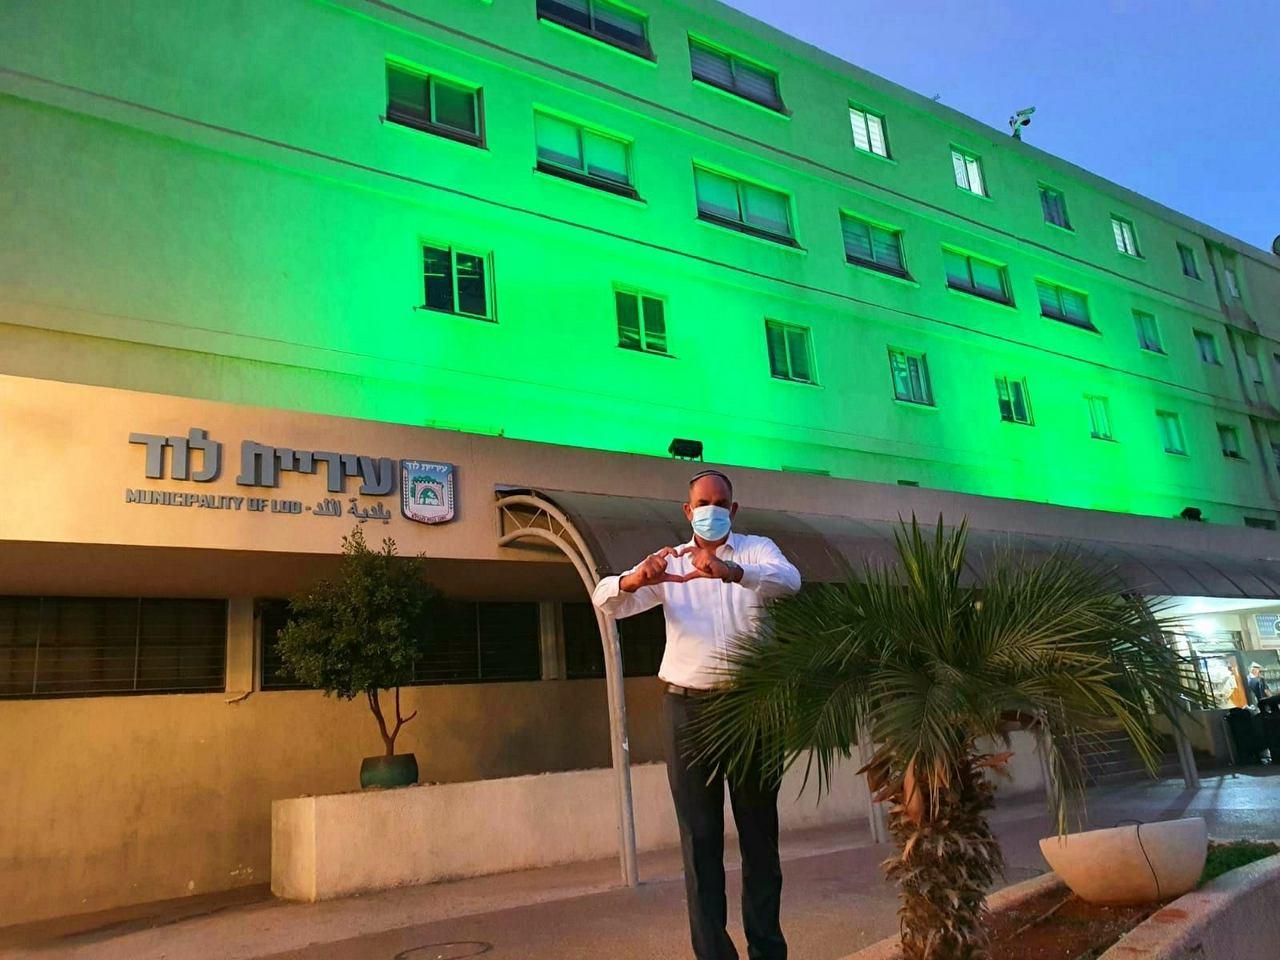 יאיר רביבו, התעוררנו בלוד עם ירוק בריא בעיניים, הרבה בזכות התושבים היקרים